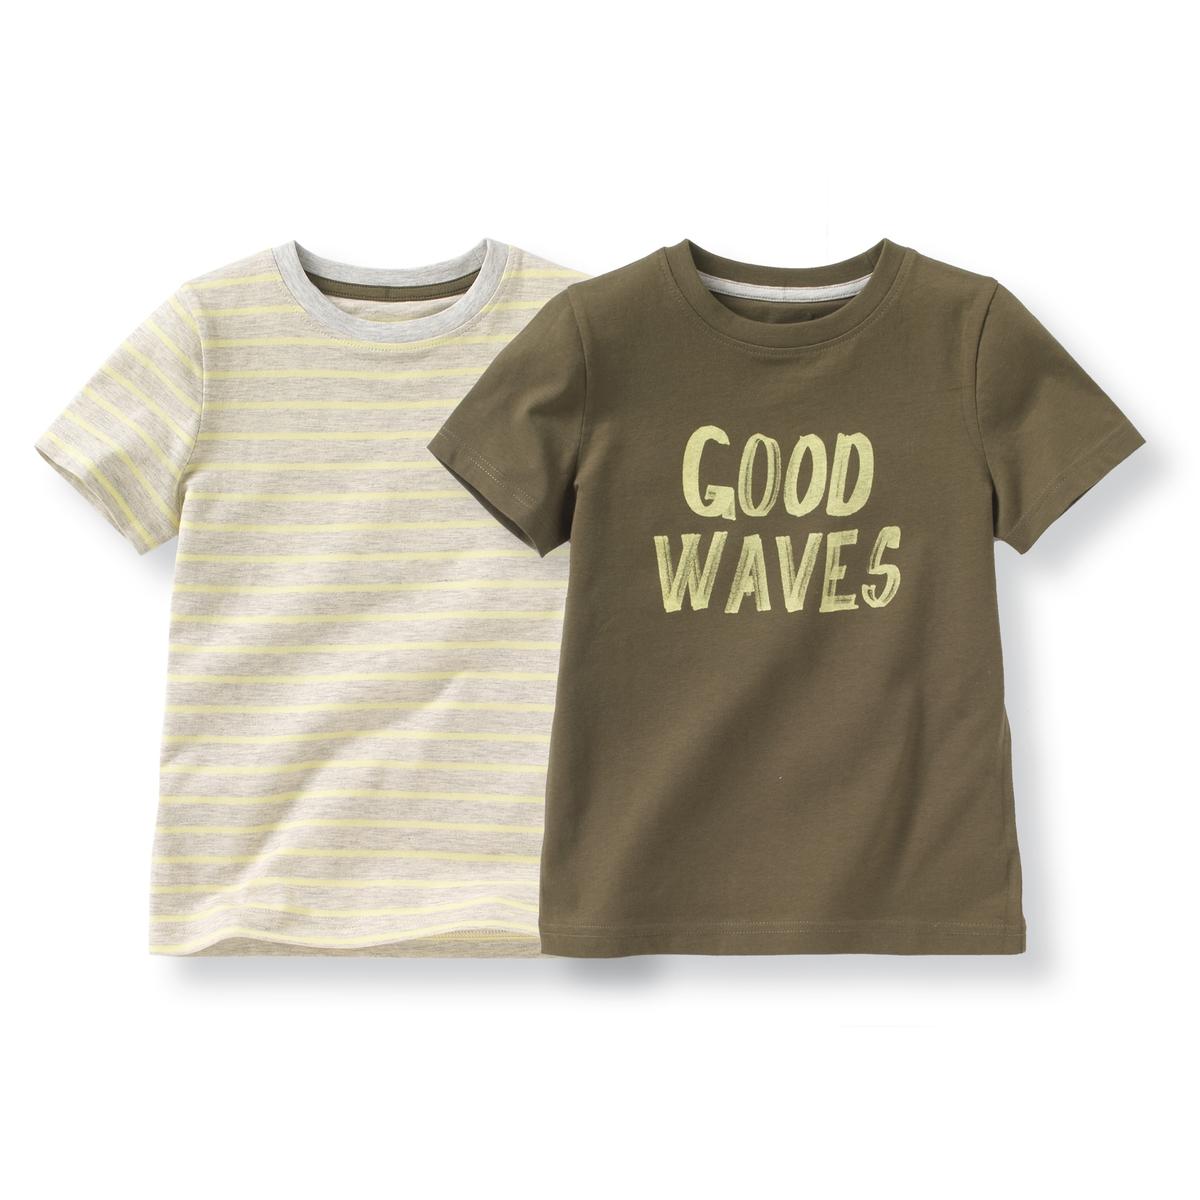 2 футболка с рисунком Good Waves 3-12 летВ комплекте 2 футболки с короткими рукавами. Круглый вырез.       1 в полоску, 1 однотонная с рисунком спереди .Состав и описаниеМатериал       100% хлопок Марка       R ?ditionУход:Стирать и гладить с изнаночной стороныМашинная стирка при 30 °C с вещами схожих цветовМашинная сушка запрещенаГладить на низкой температуре<br><br>Цвет: В полоску серый/желтый + хаки<br>Размер: 6 лет - 114 см.12 лет -150 см